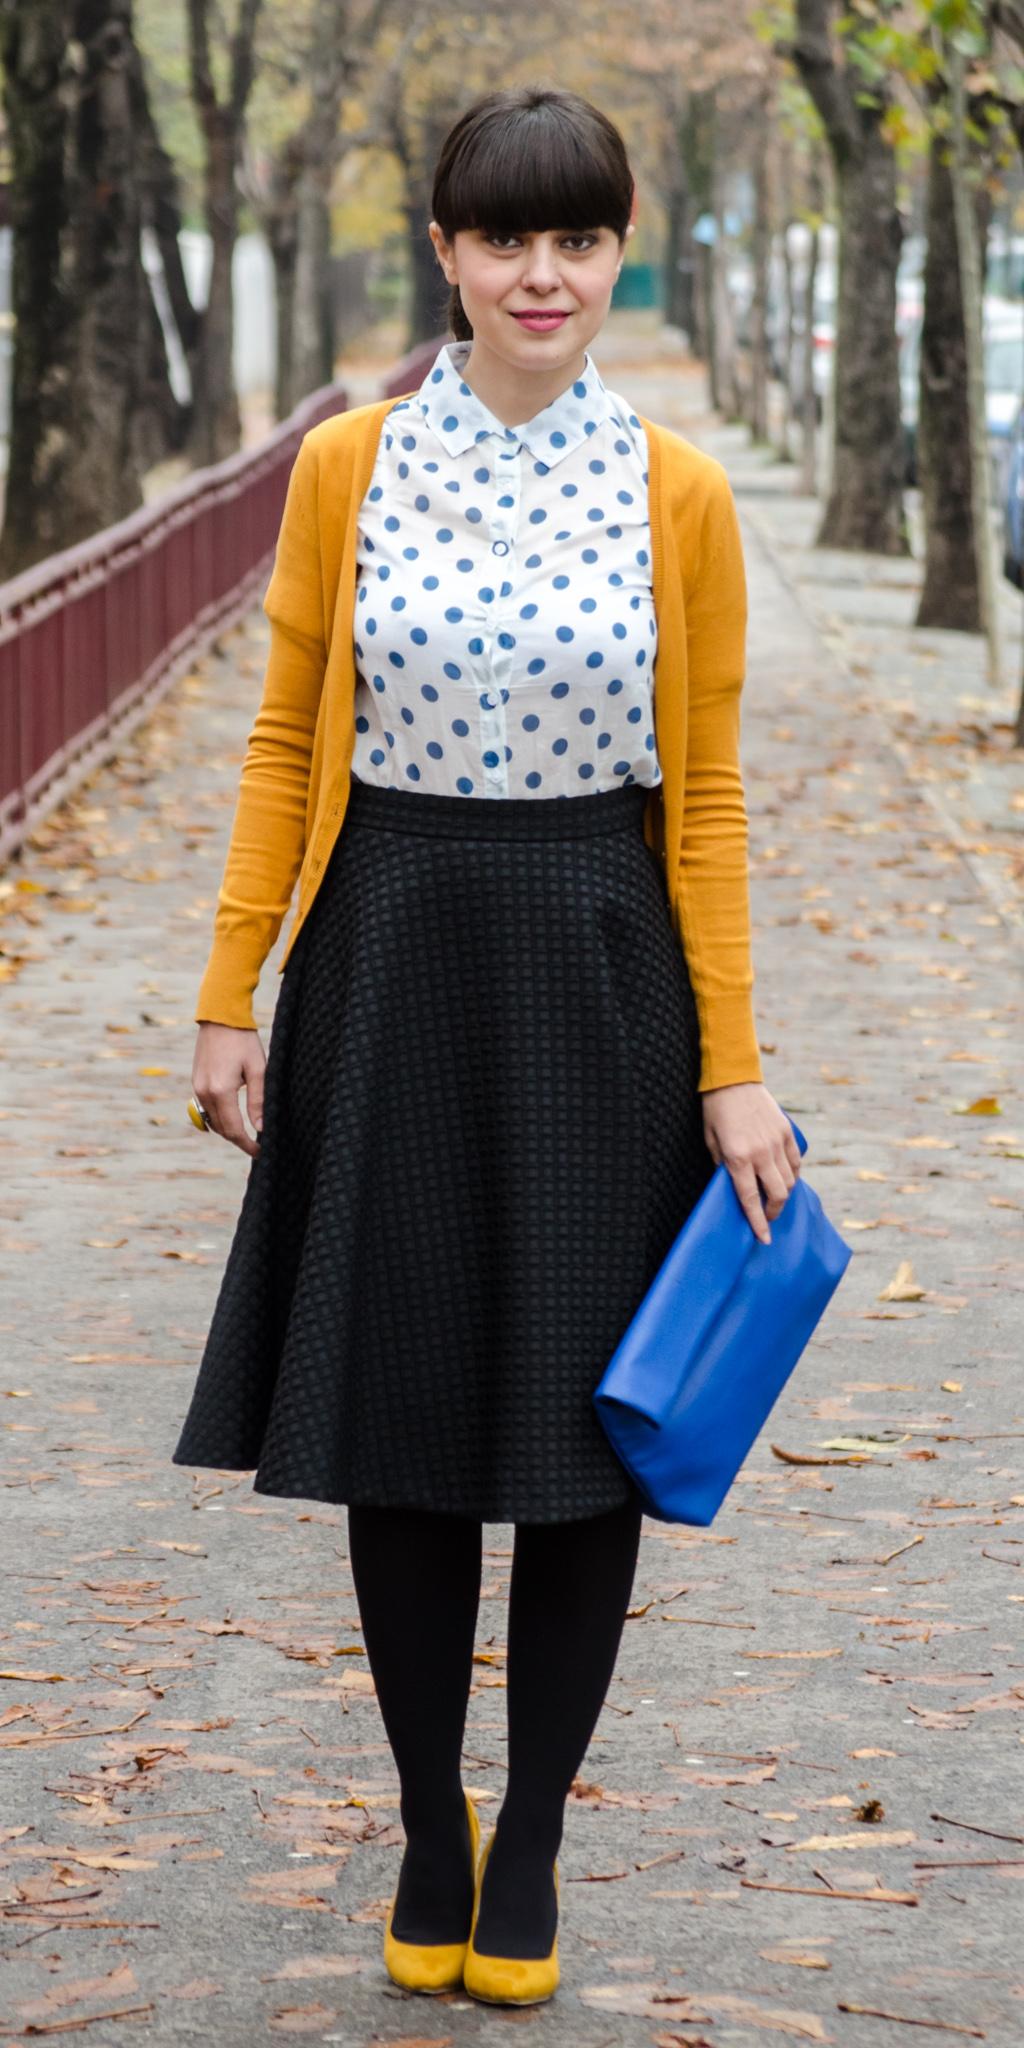 black midi skirt h&m mustard high heels poema cobalt blue clutch new yorker blue dots shirt dotty sweater c&a